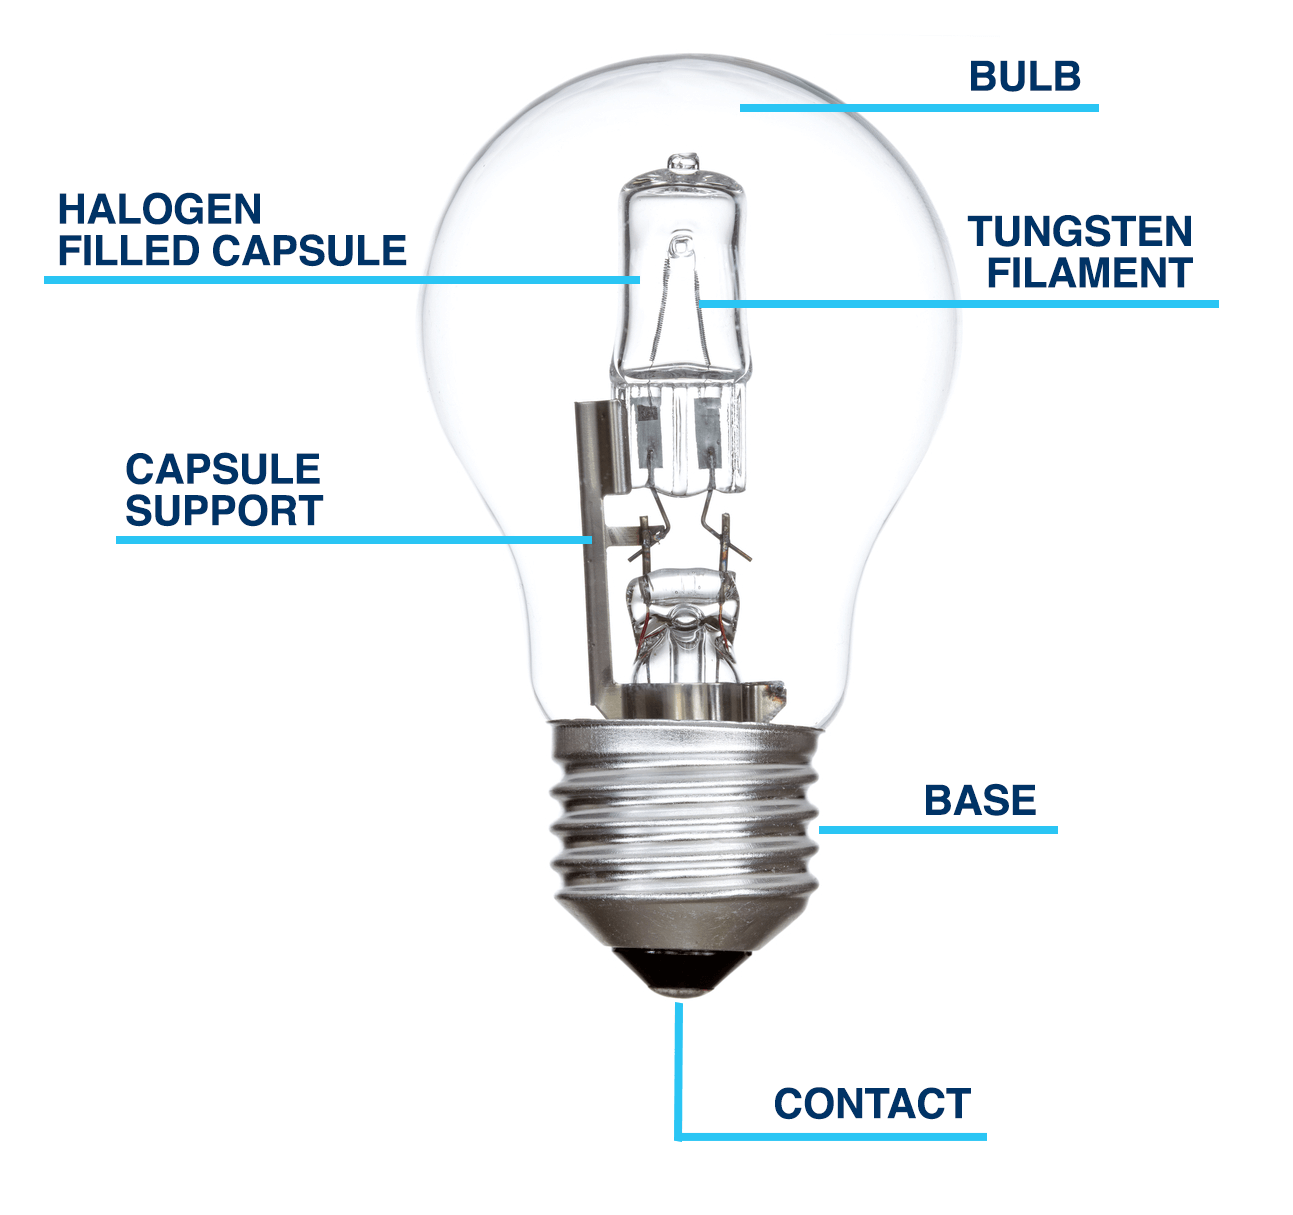 halogen bulb diagram